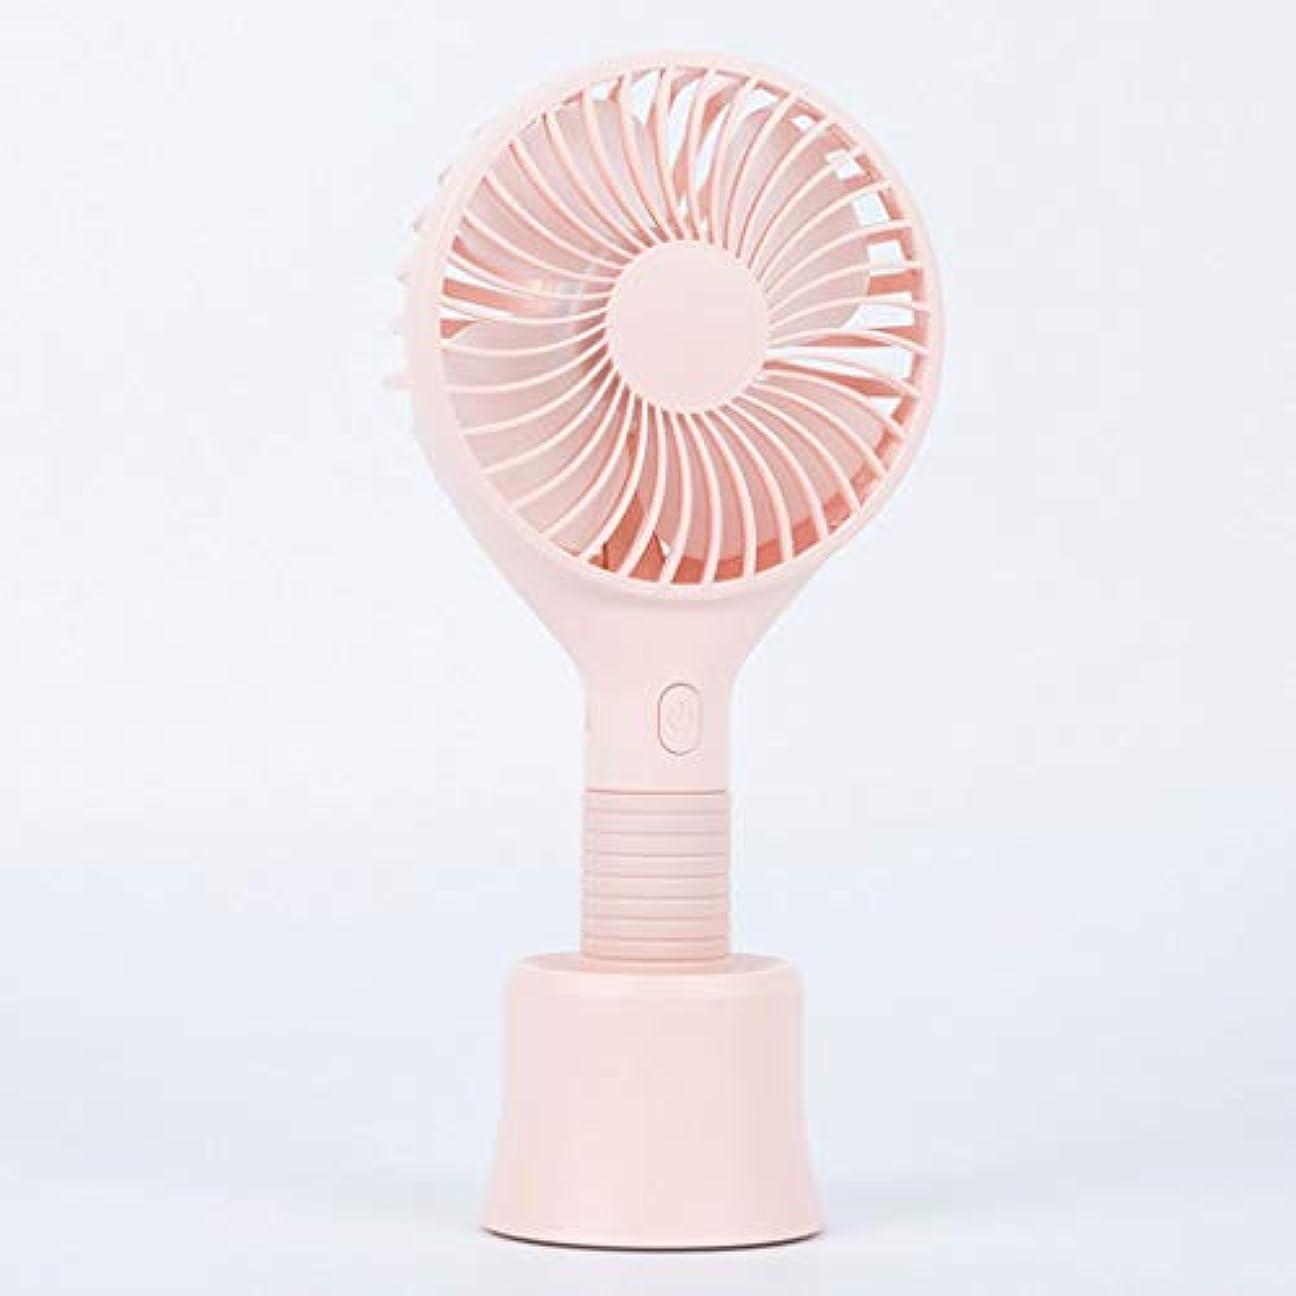 会計士甲虫ブラストハンドヘルドファン 携帯ファン 卓上ファン 高品質 3速調整 4葉 超静か 長持ちする電気 3-13時間 USB充電 ベース付き 屋内用 (ピンク)